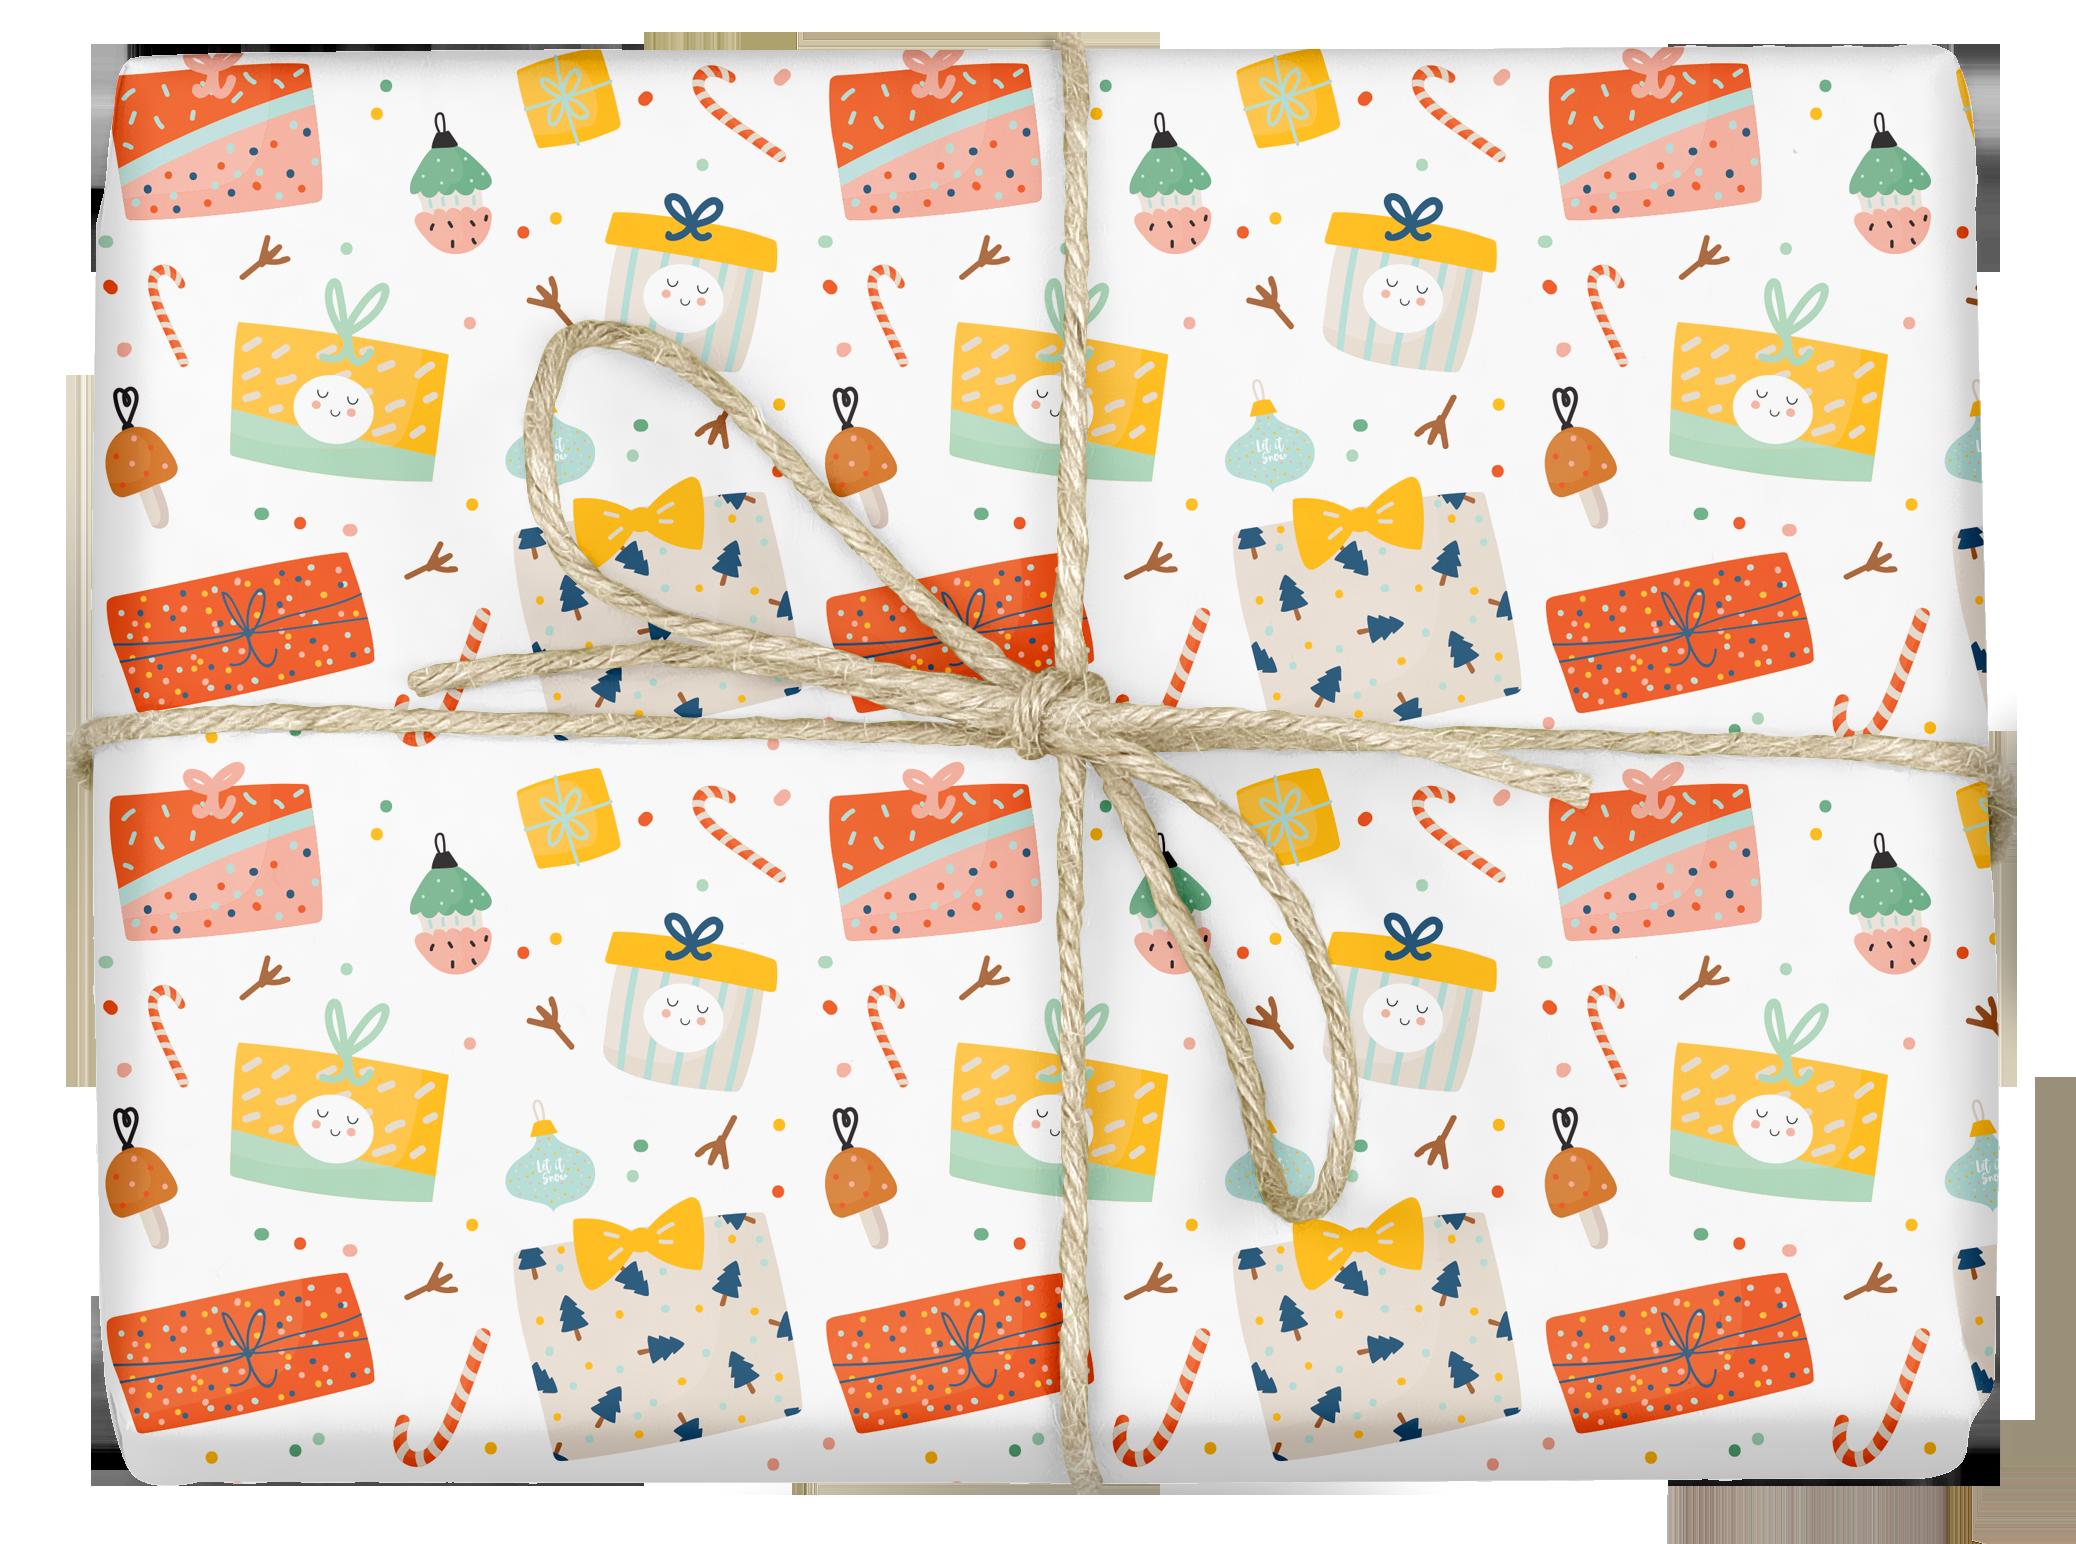 dabelino_cradle-to-cradle_geschenkpapier_weihnachtskarte_kinder_freisteller_04.png